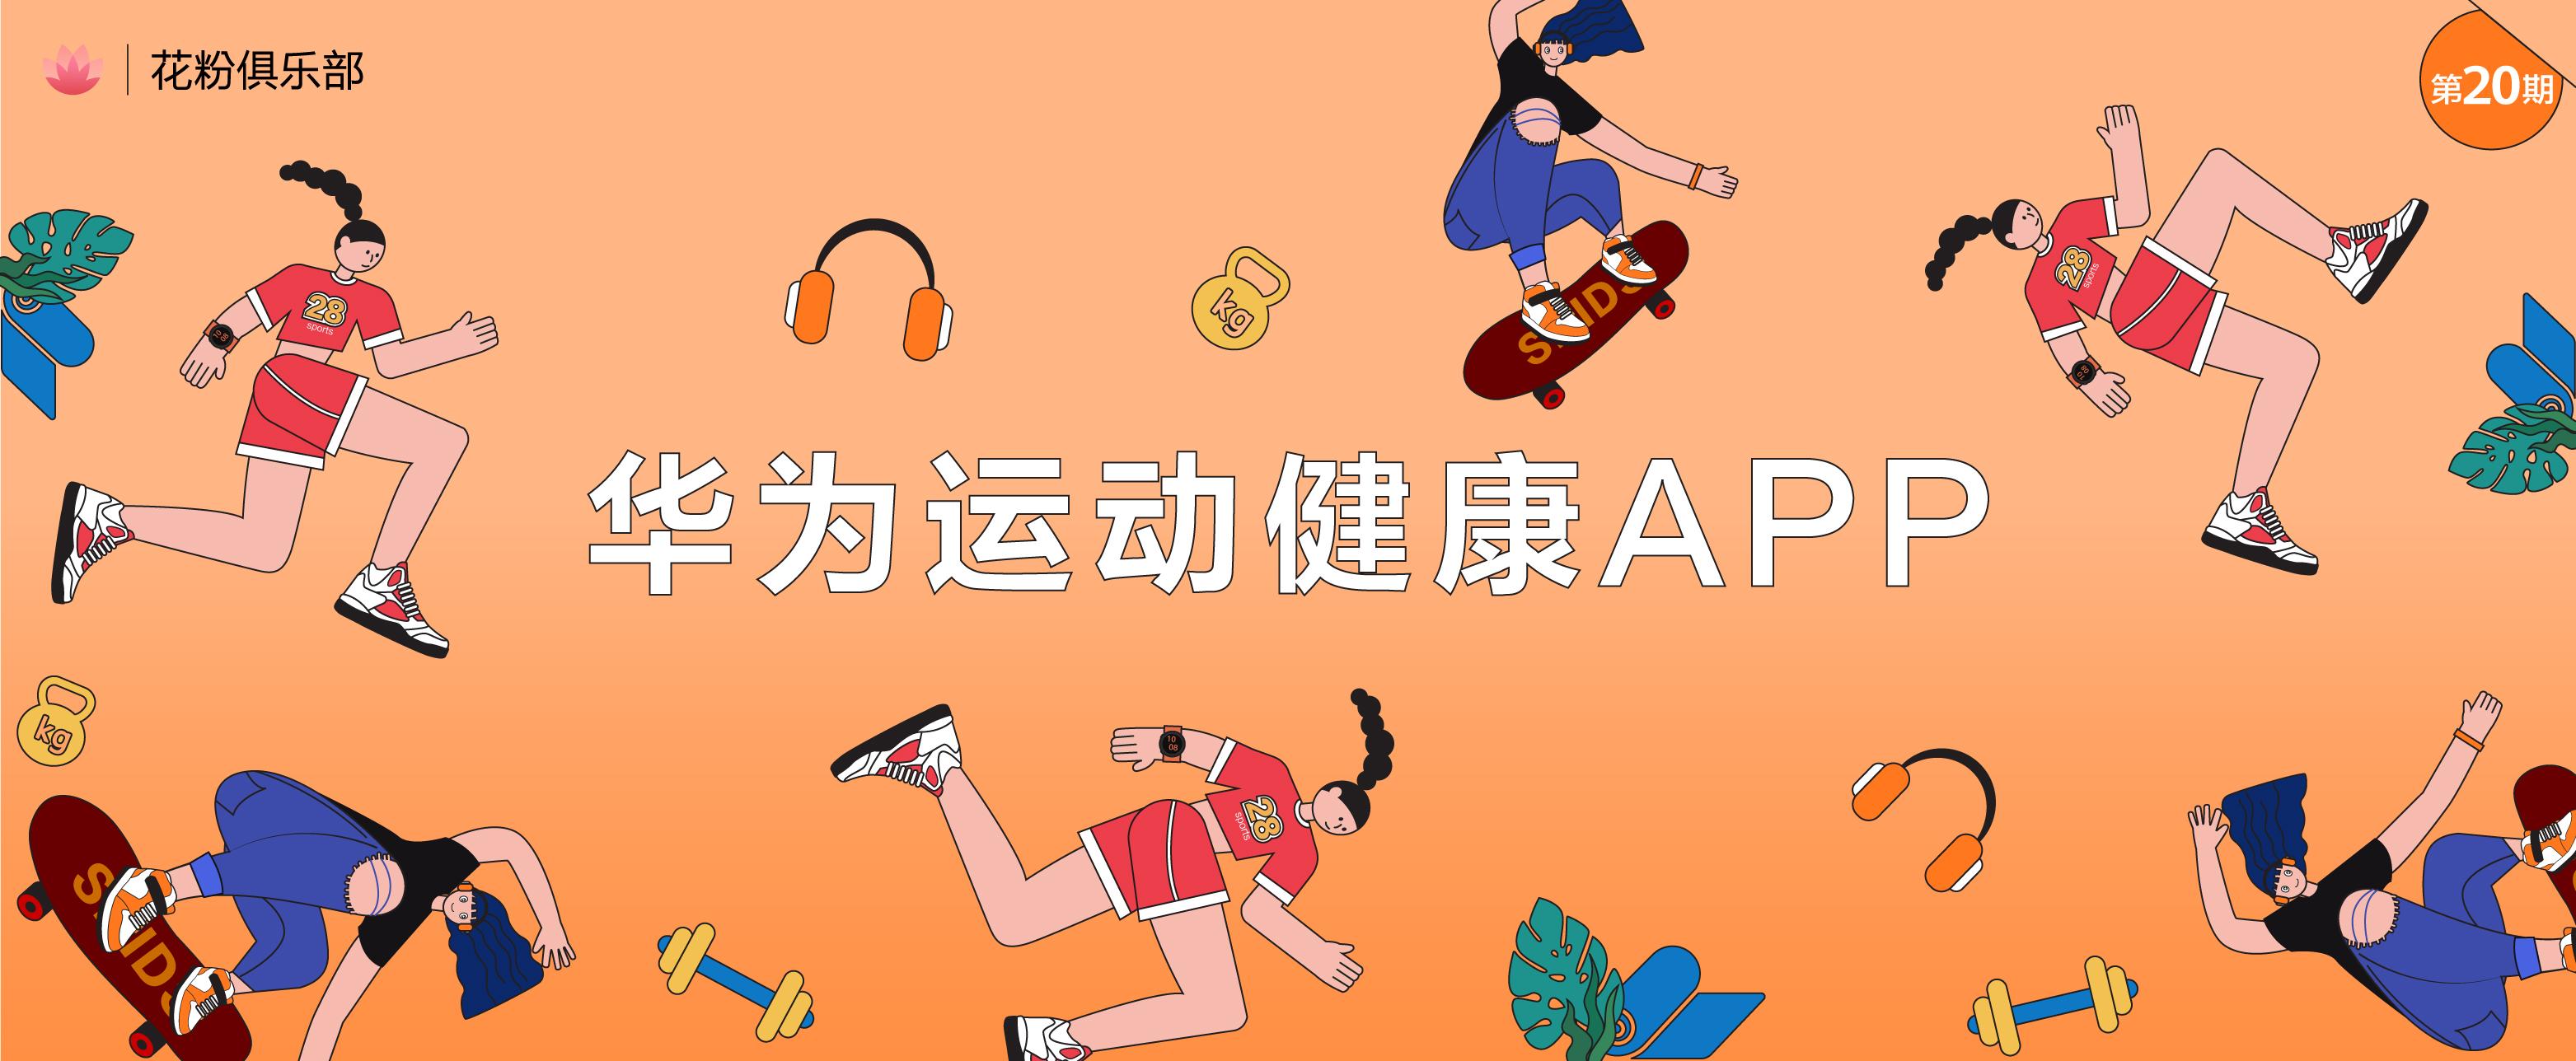 华为运动健康App-第13-20期-0305-08.jpg